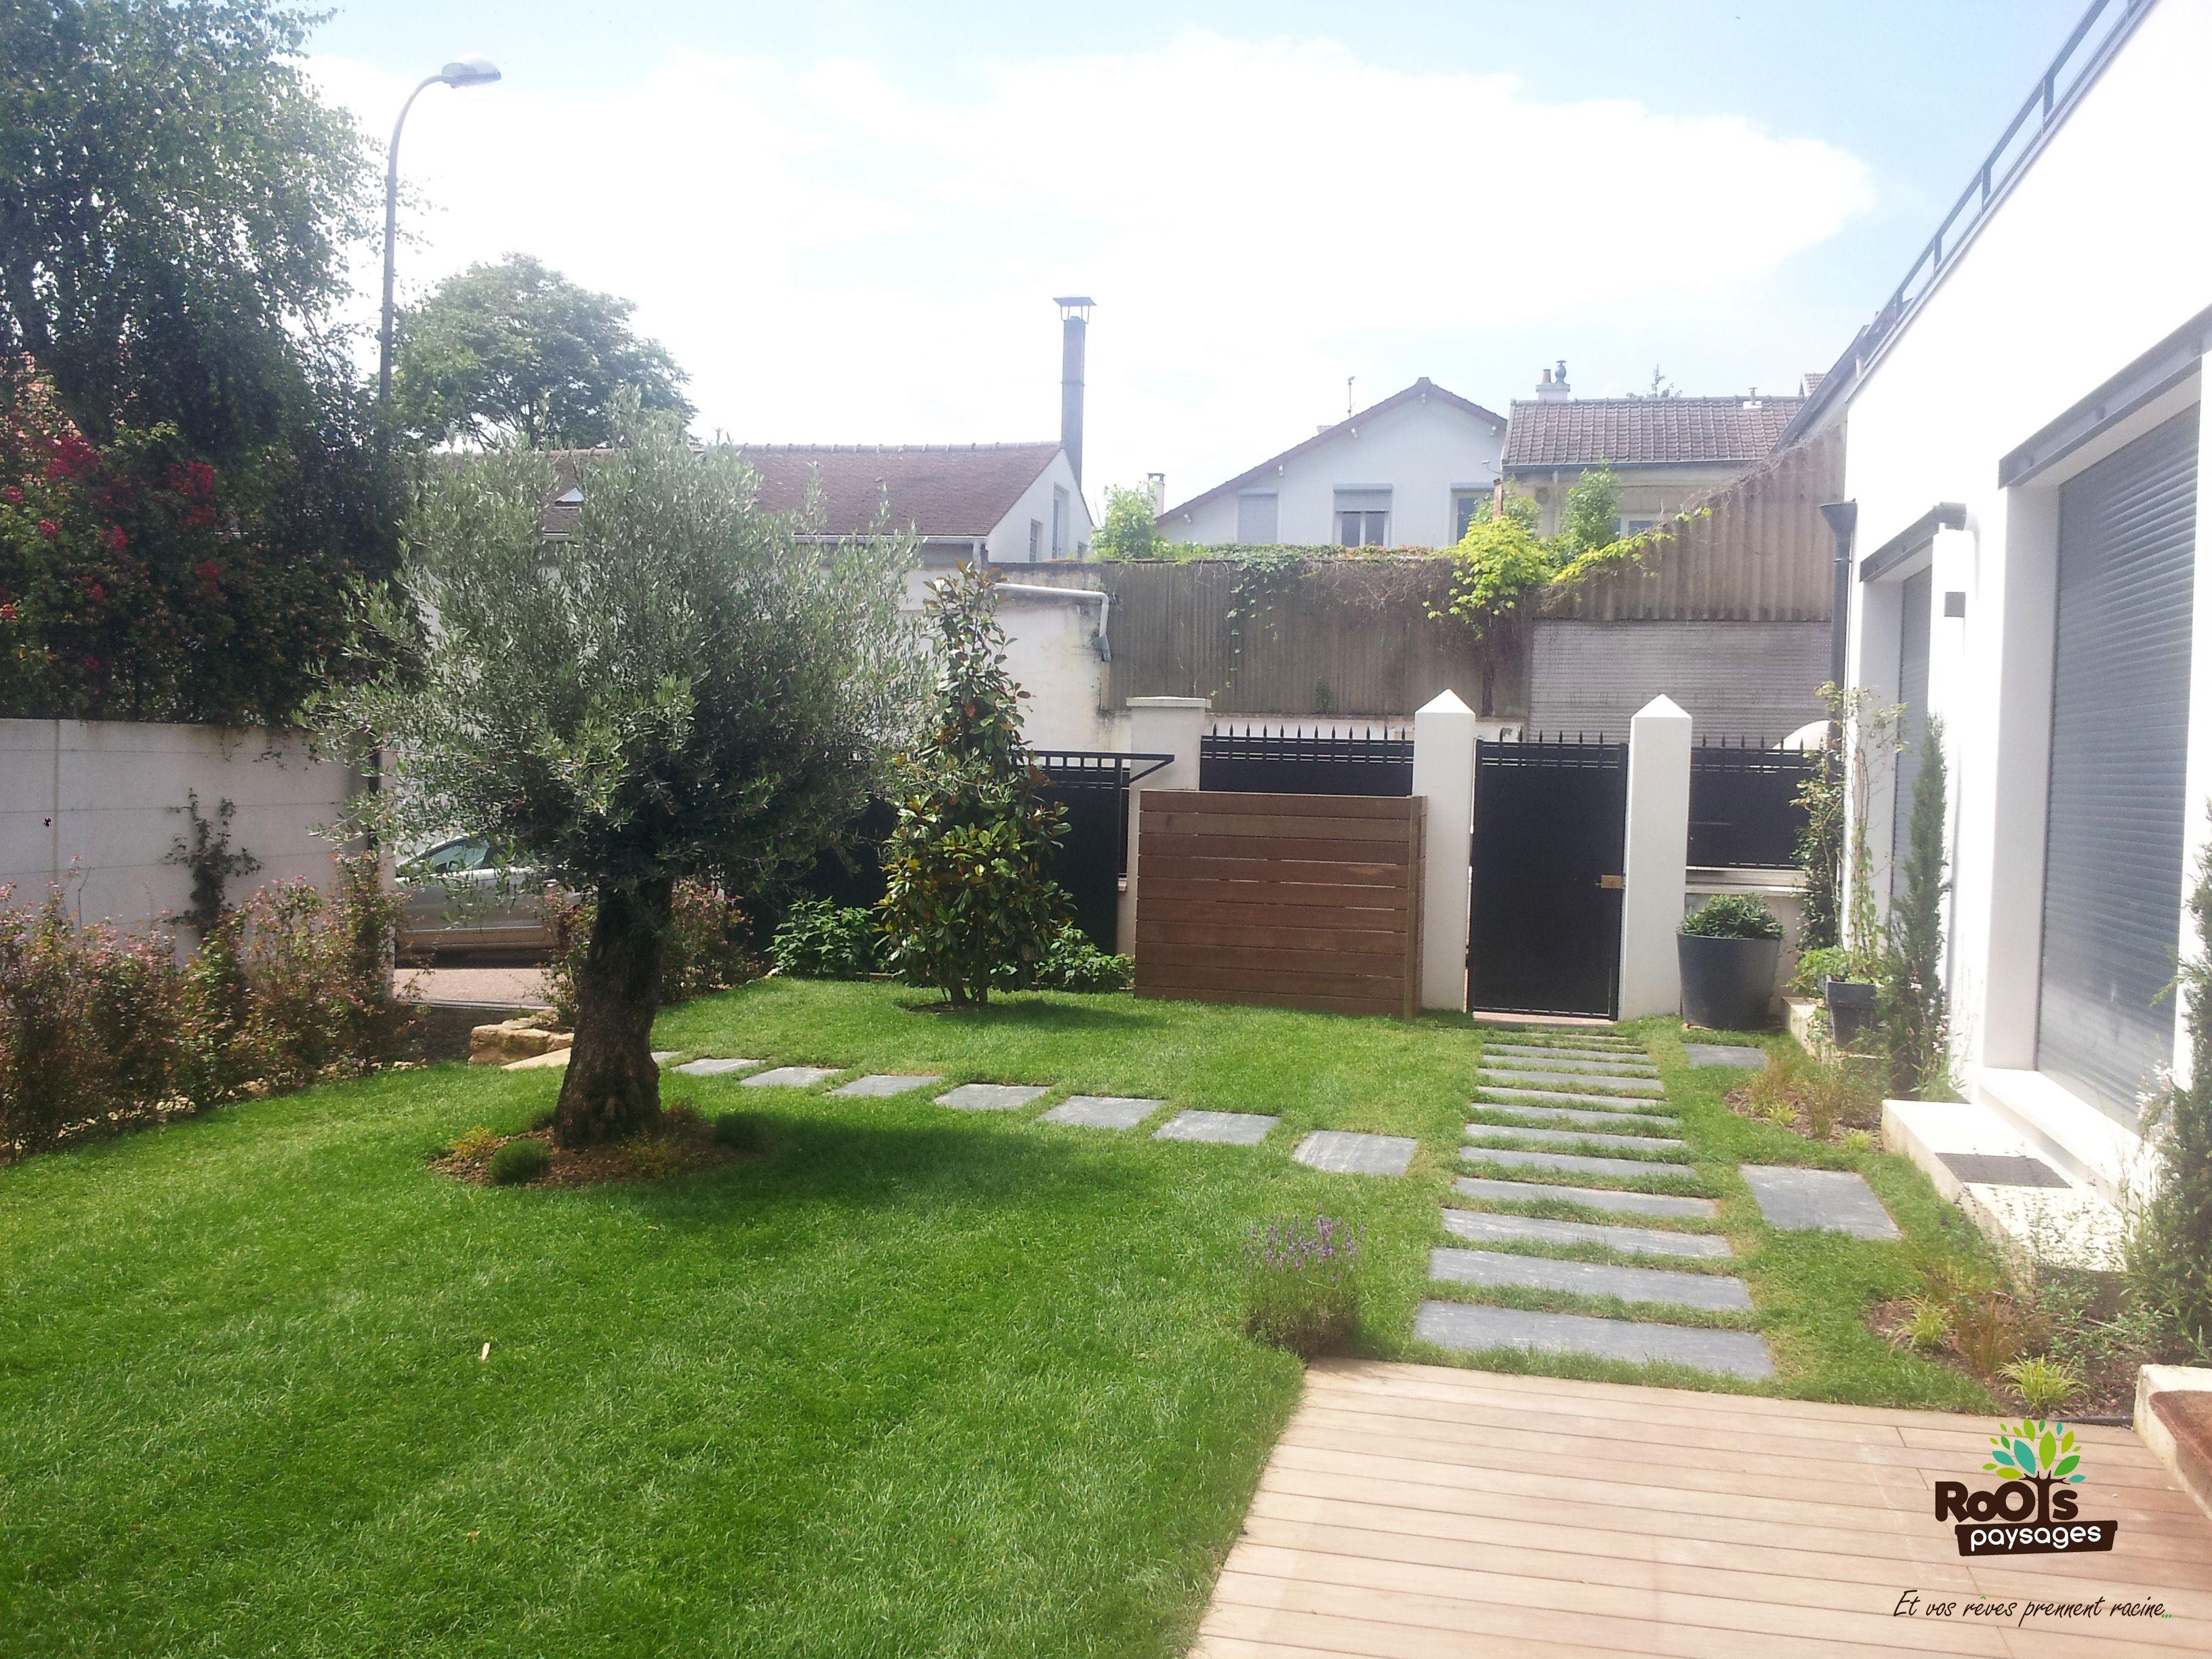 Am nagement de jardin saintcloud 92 cachepoubelle for Amenagement jardin olivier